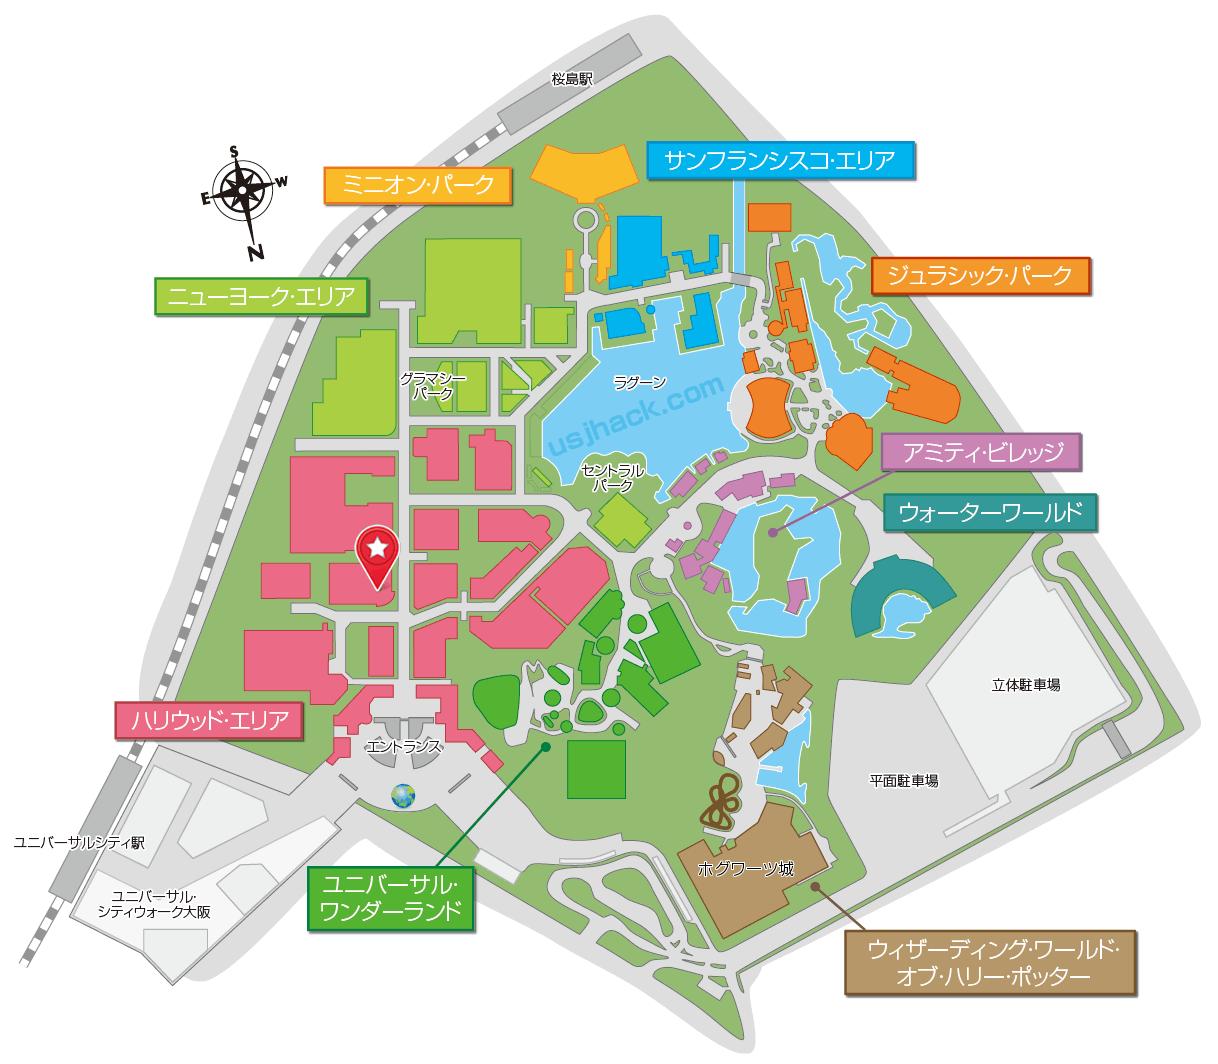 マップでみる「ドラゴンボールZ・ザ・リアル 4-D at 超天下一武道会」の開催場所